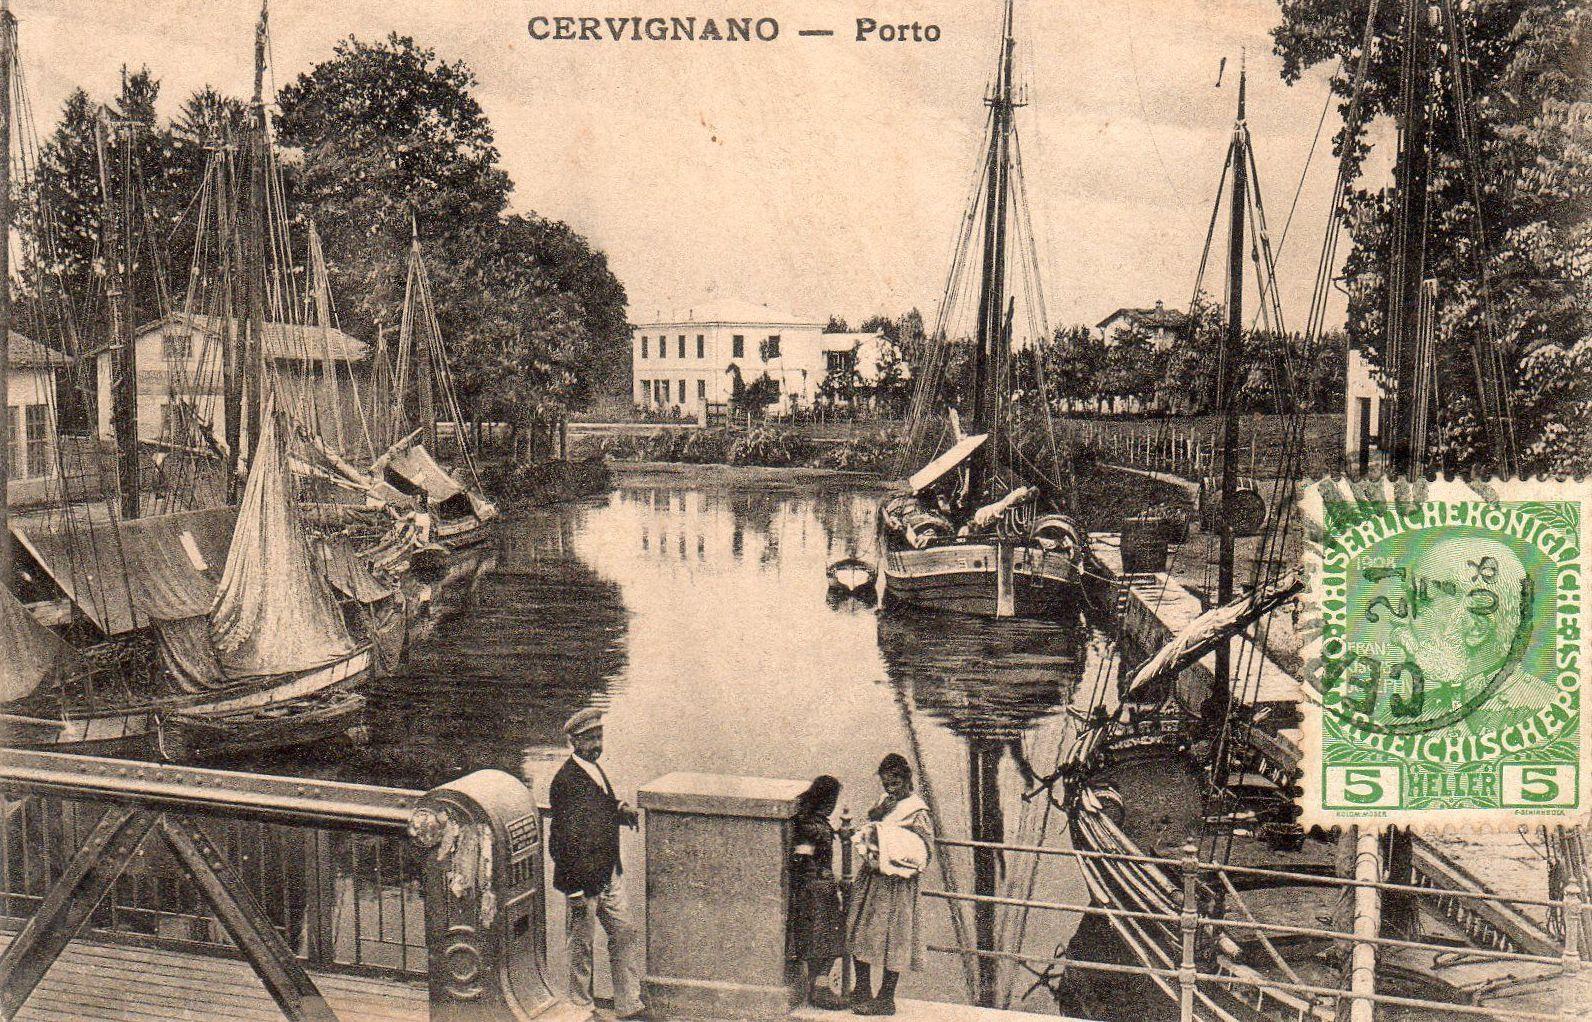 Il porto, dal nuovo ponte di Cervignano costruito nel 1906